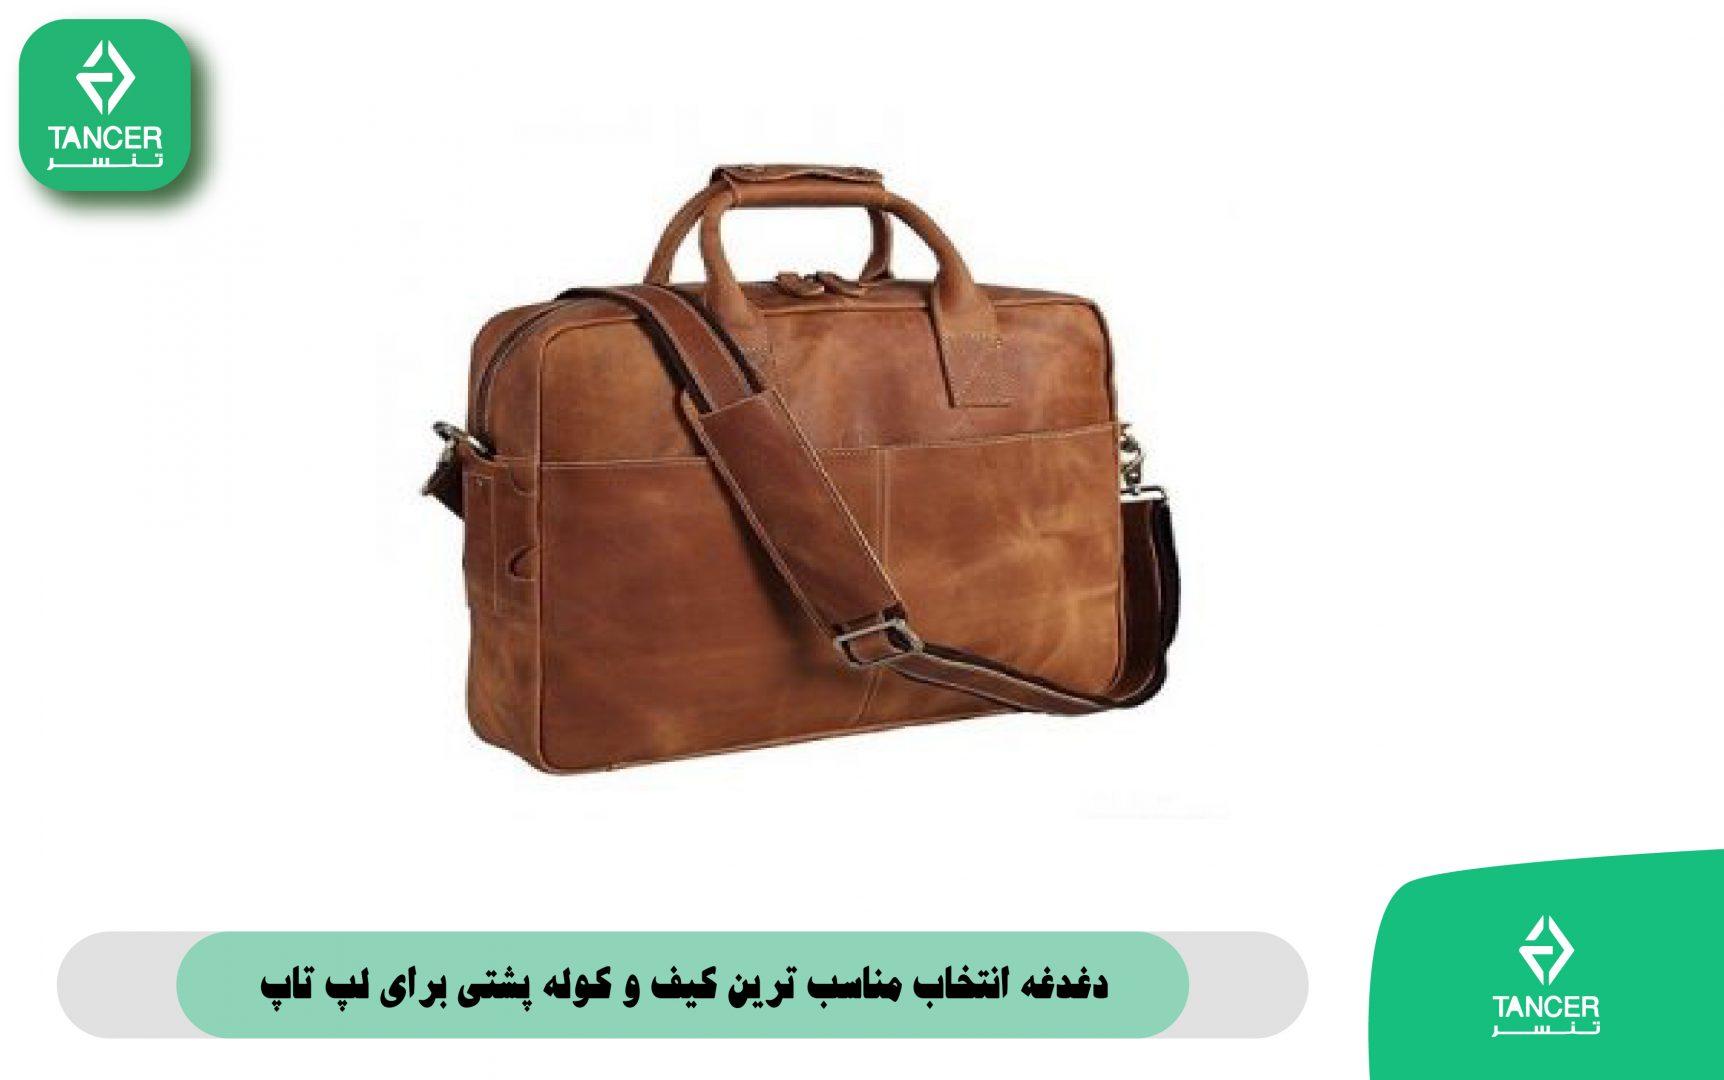 دغدغه انتخاب مناسب ترین کیف و کوله پشتی برای لپ تاپ